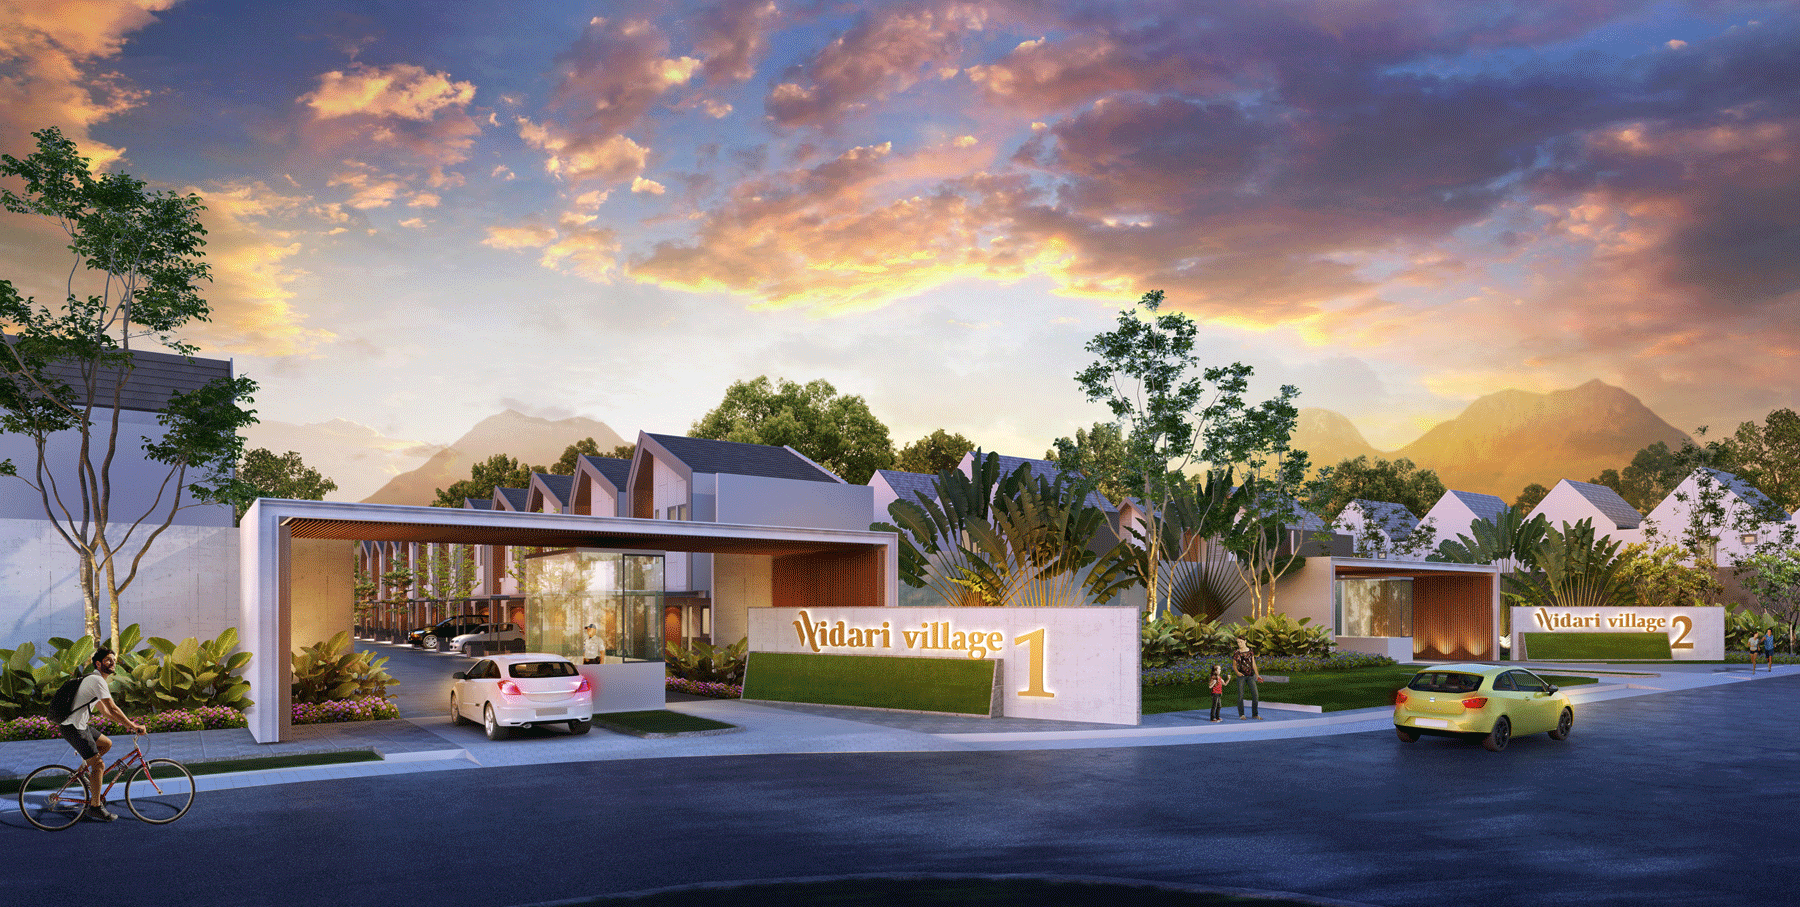 Image - Widari Village - Property Millennial - Cluster - Rumah - Apartemen - Ruko